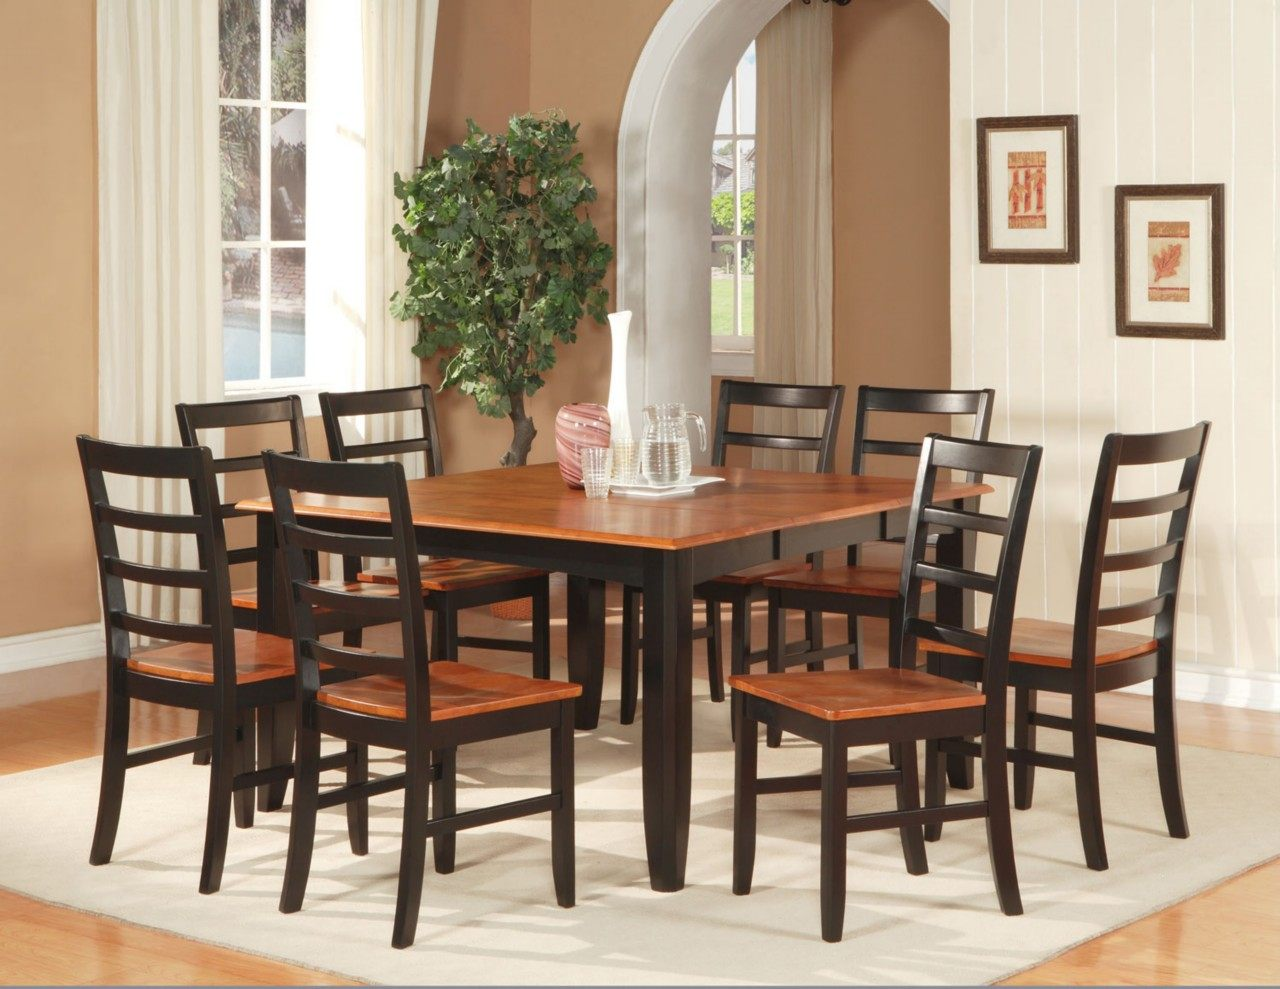 Moveis Para Sala De Jantar Madeira ~  para uma eficiente decoração de salas de estar e salas de jantar